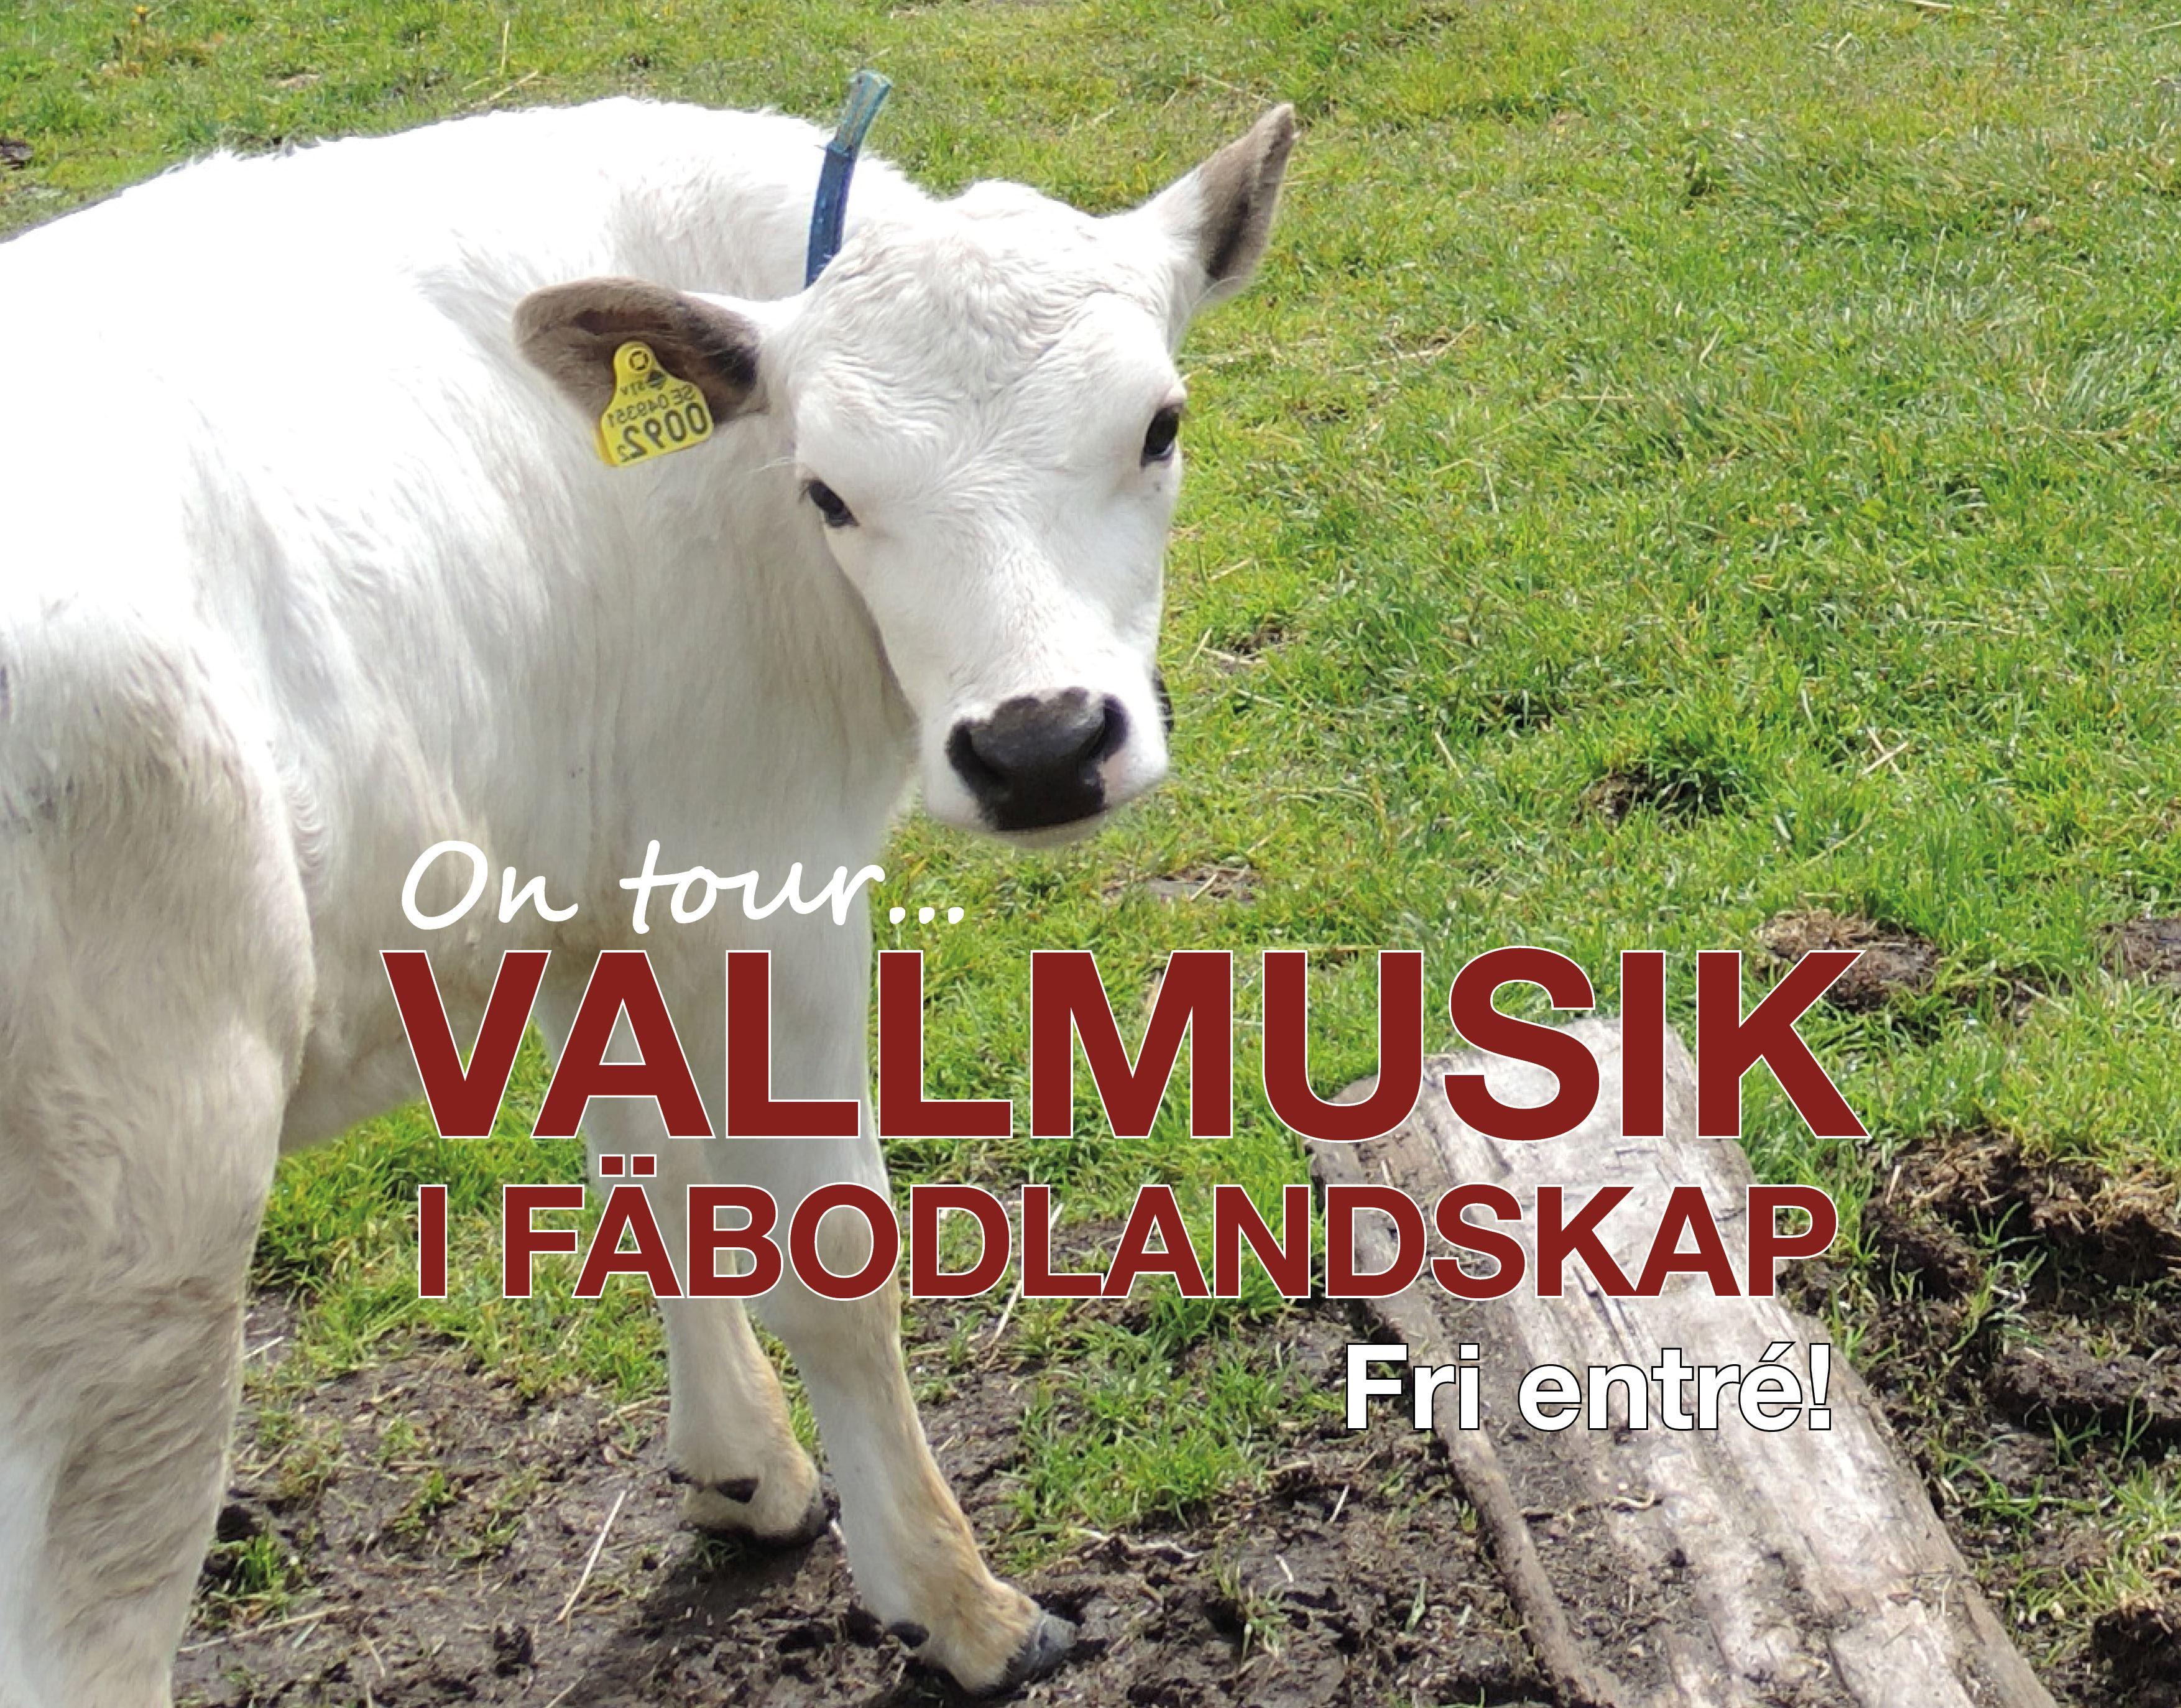 Vallmusik i Fäbolandskap - Arvselen, Malung